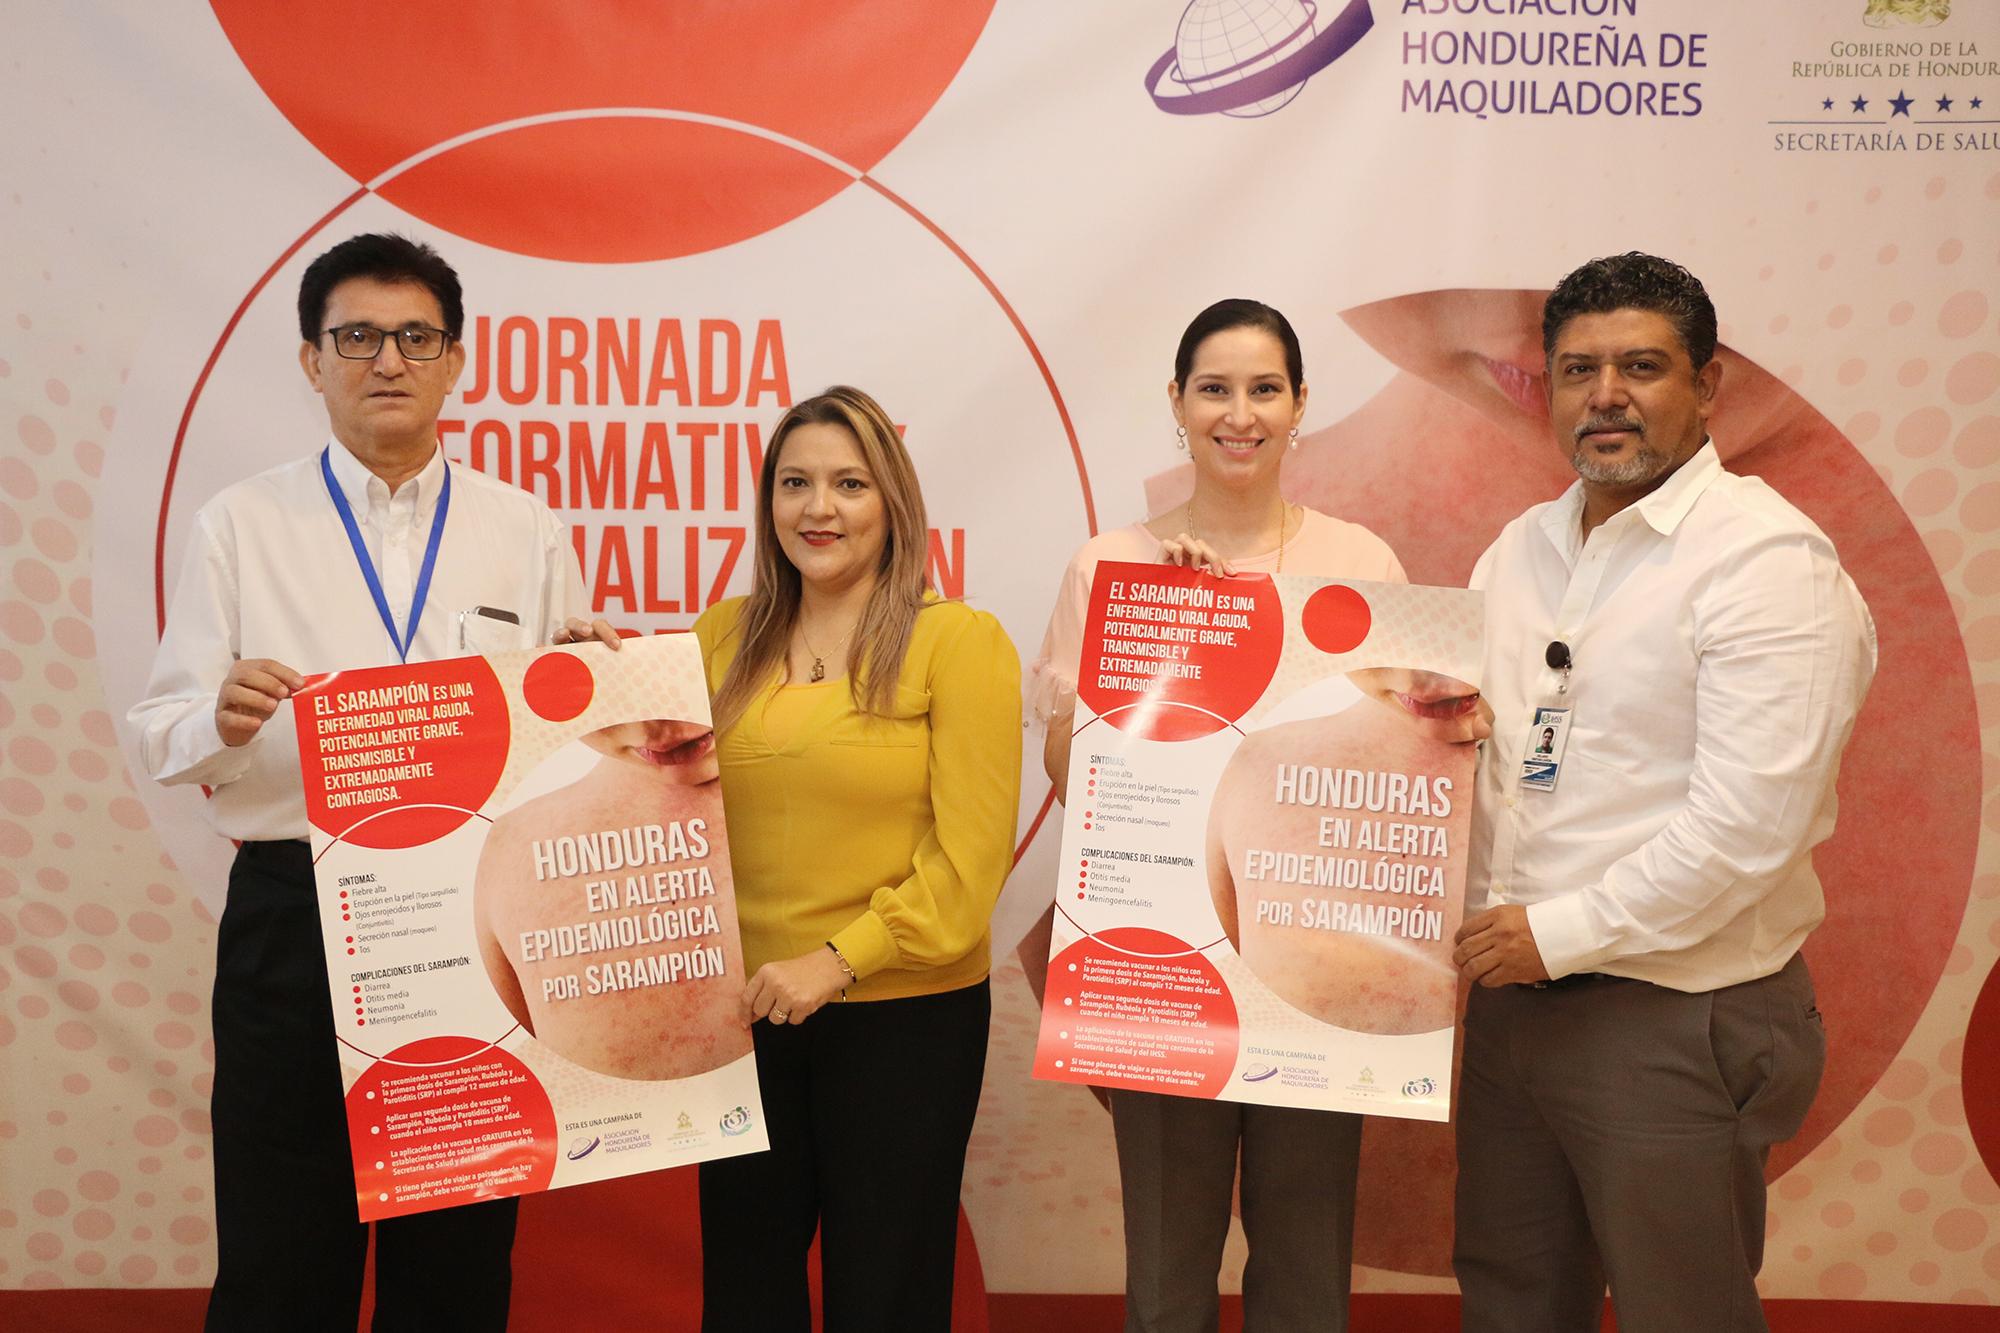 Ante alerta preventiva por sarampión realizan jornada informativa y de actualización para el sector textil-maquilador